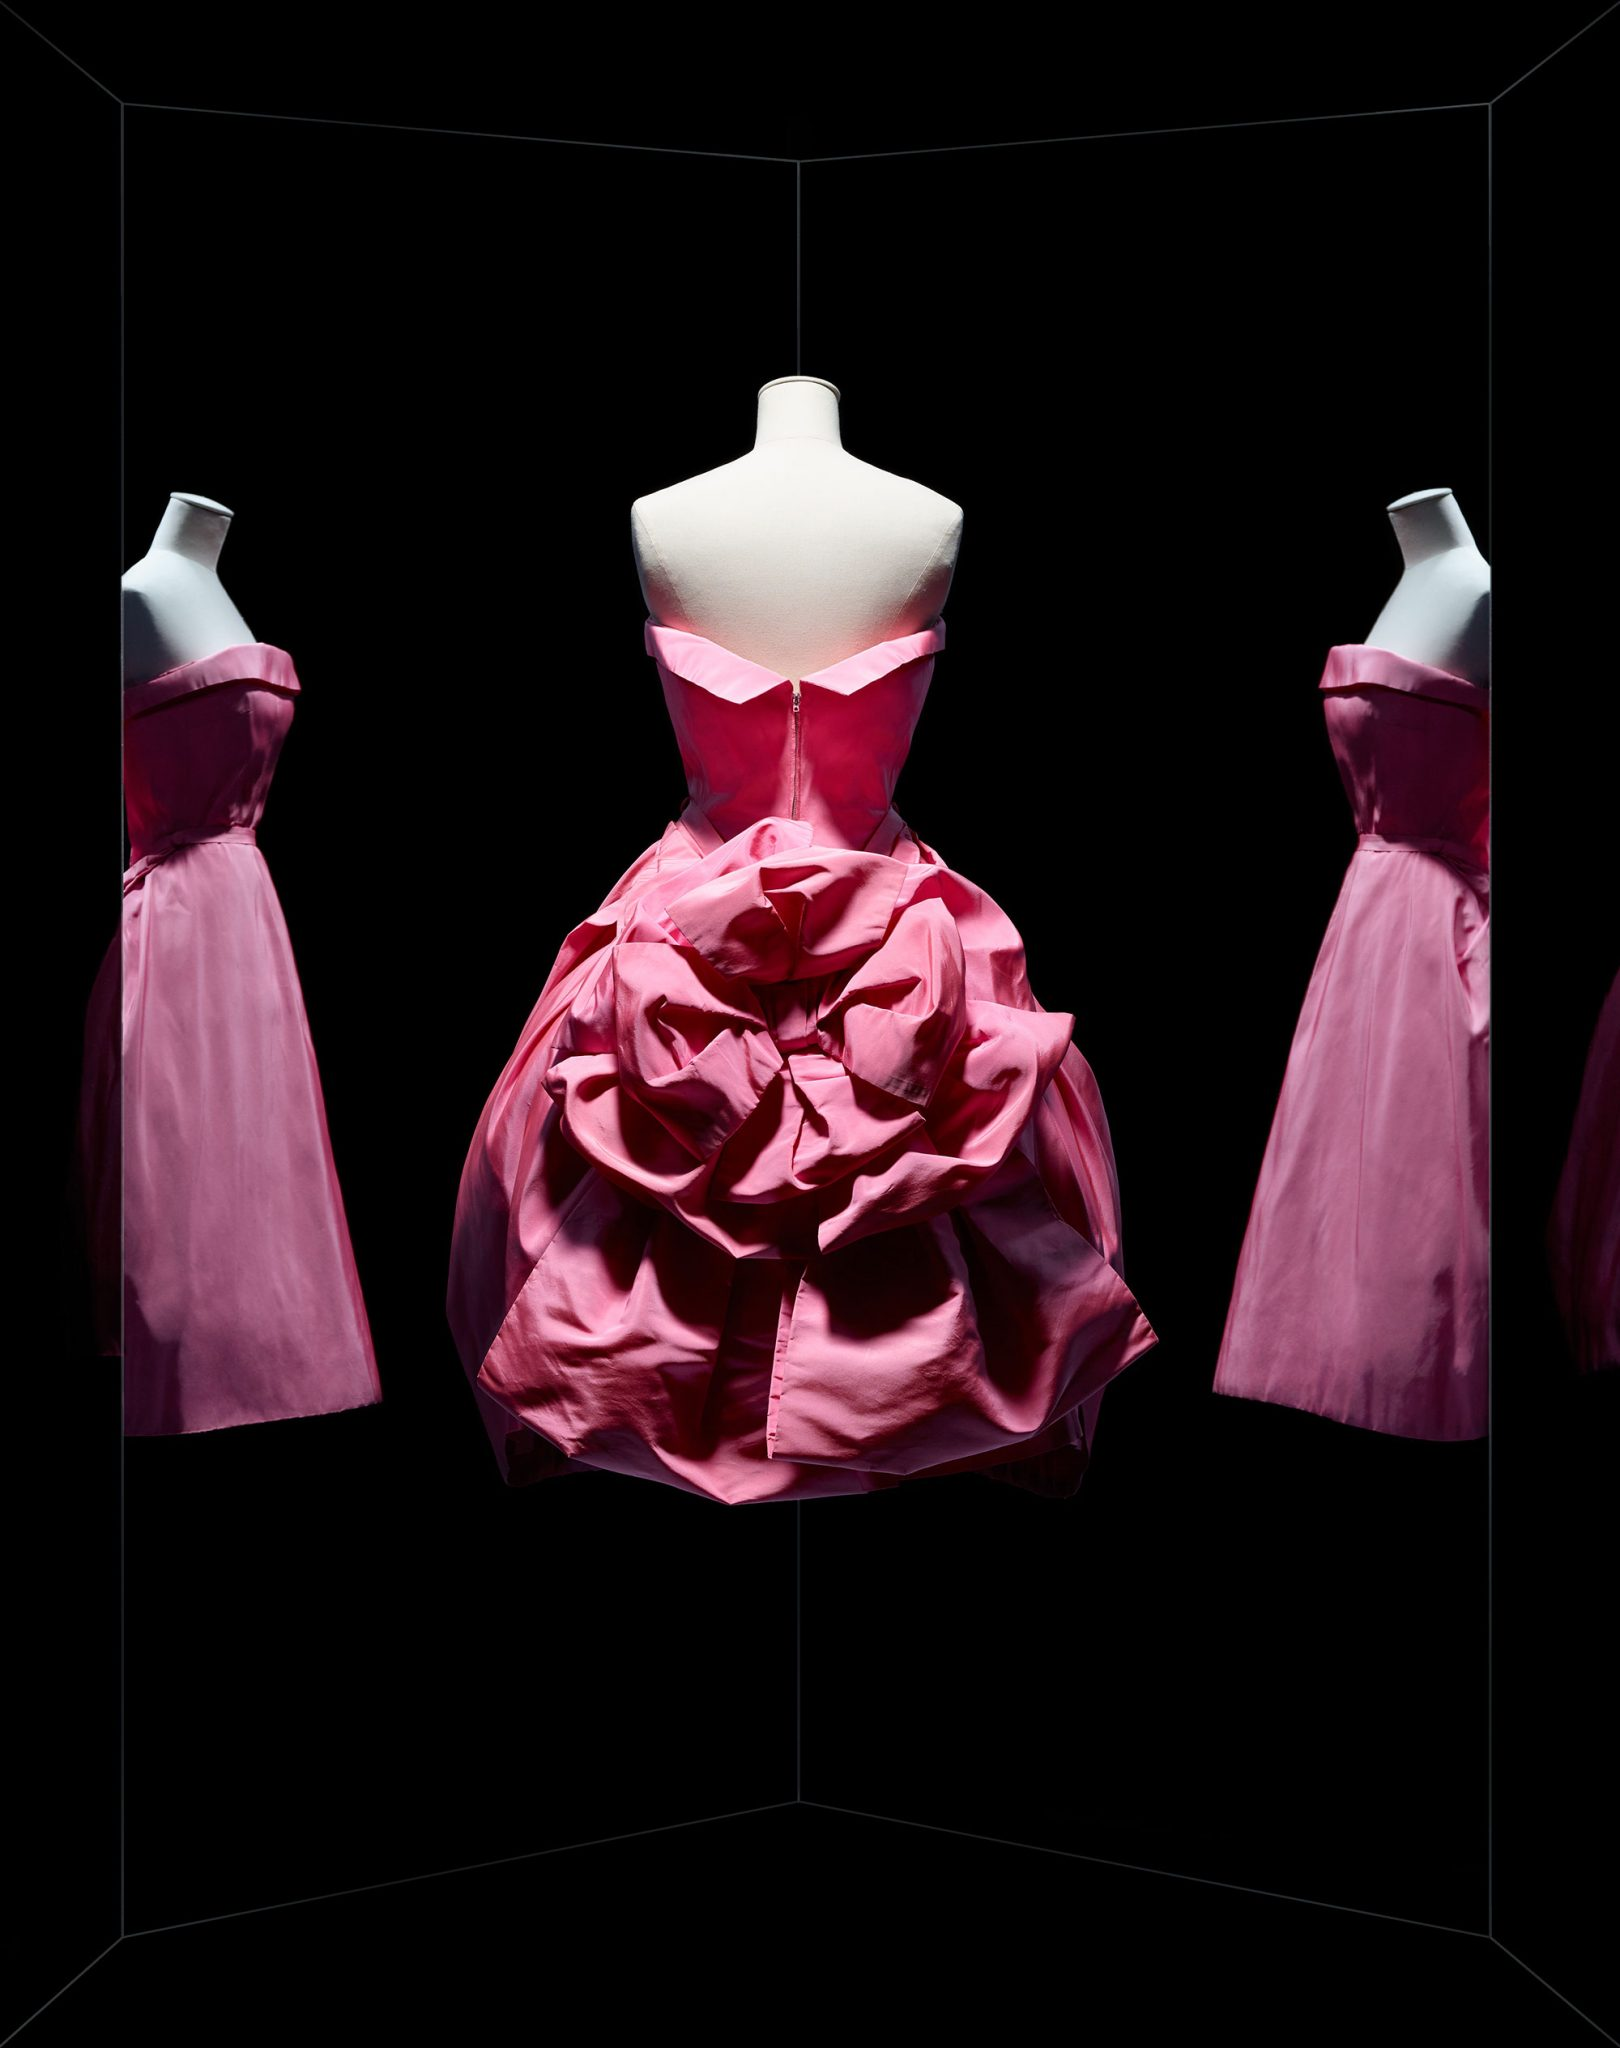 Christian Dior, robe Opéra bouffe, haute couture automne-hiver 1956, ligne Aimant Robe du soir en faille de soie d'Abraham. Paris, Dior héritage. © Photo Les Arts Décoratifs / Nicholas Alan Cope